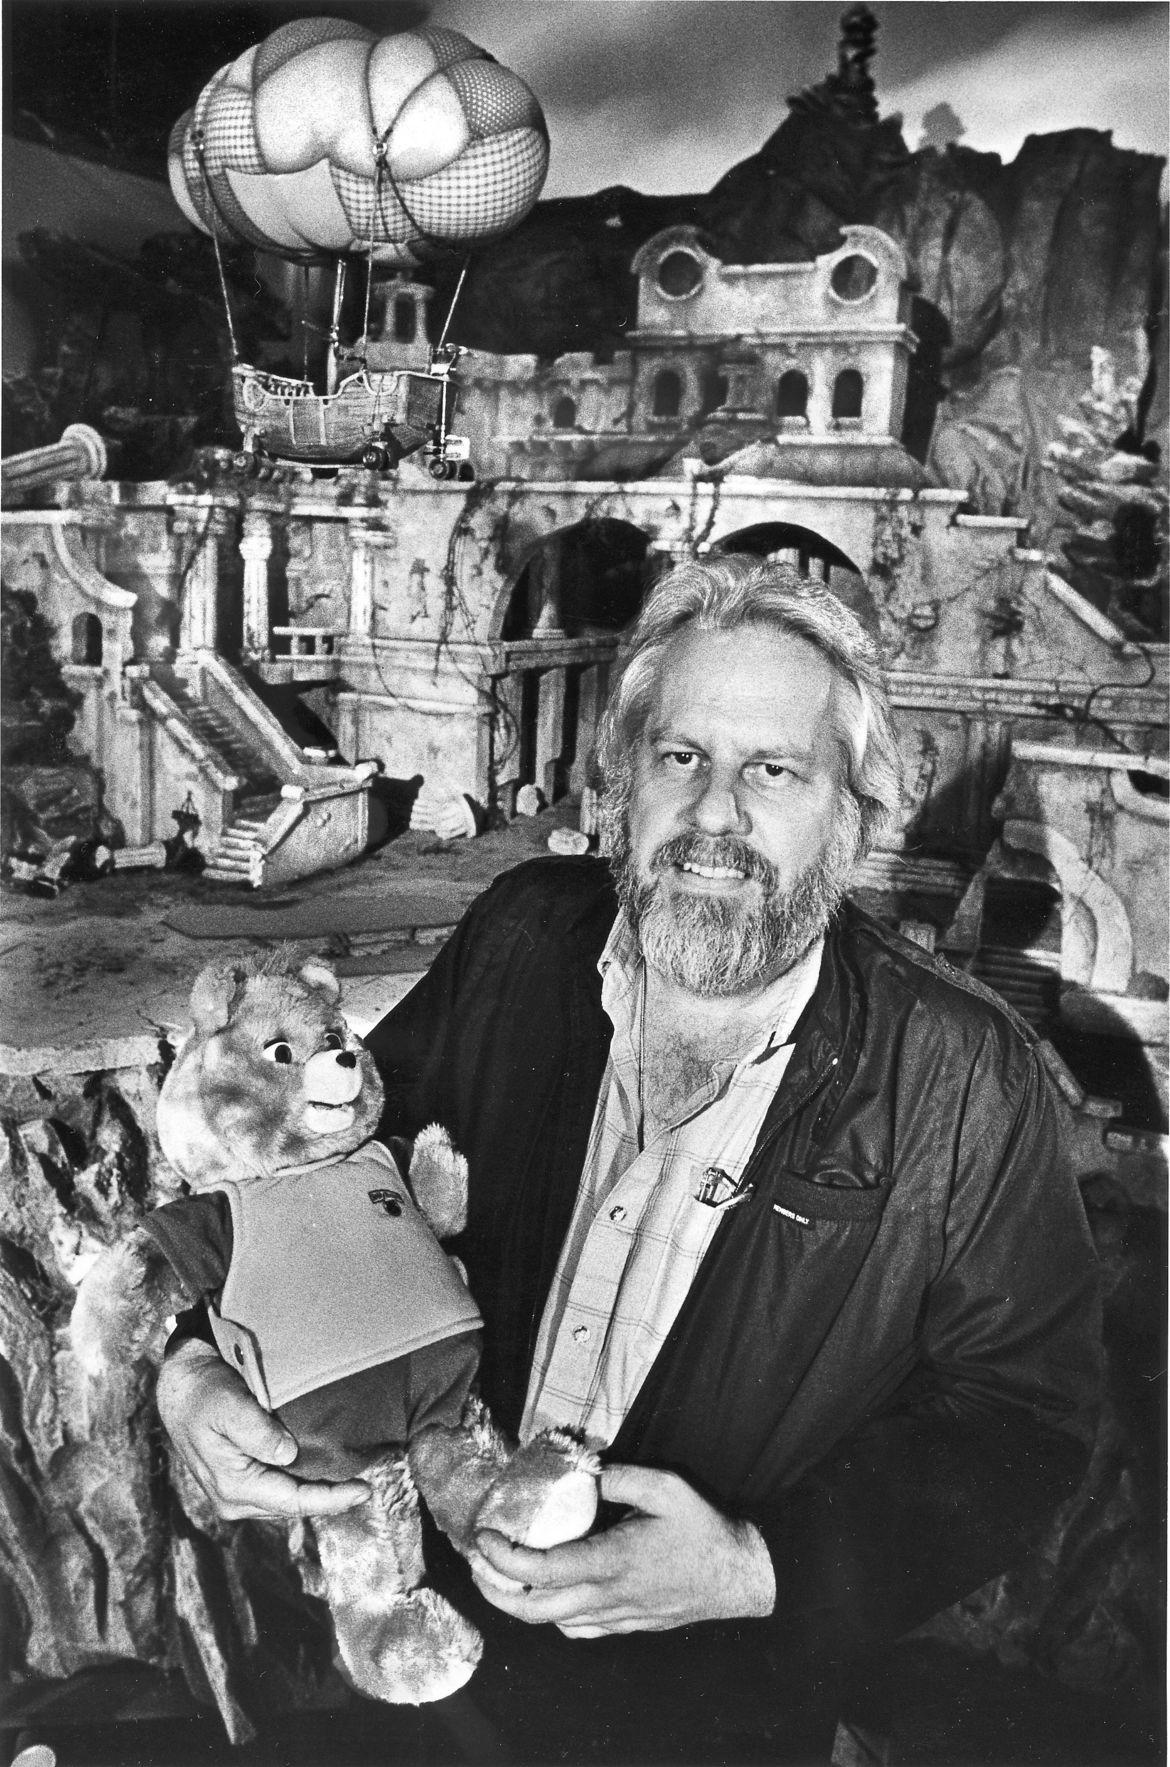 Ken Forsse Teddy Ruxpin